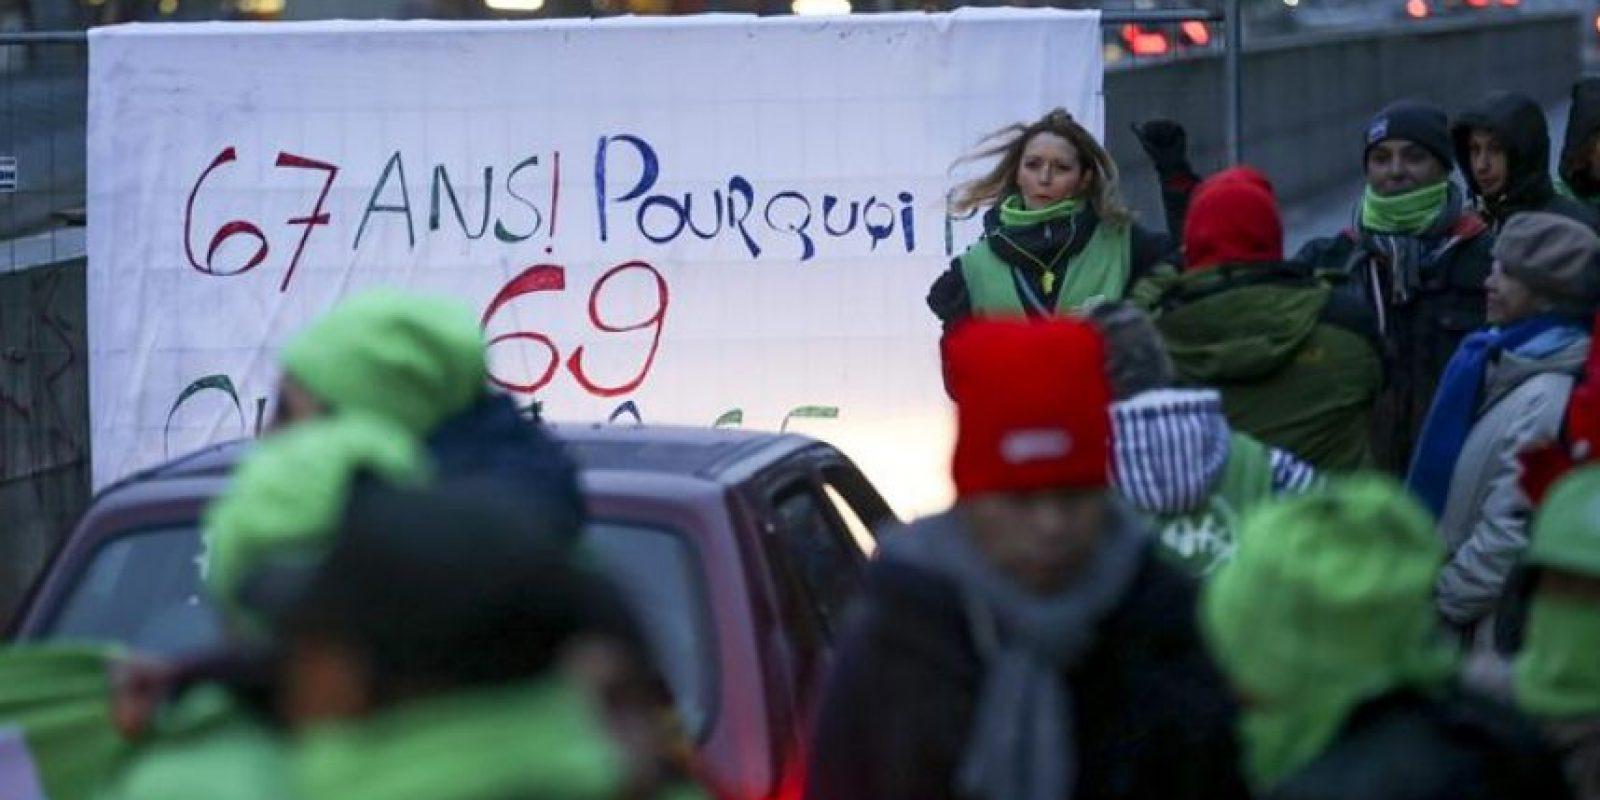 """Representantes de sindicatos cortan el tráfico en la """"rue de la loi"""" en Bruselas (Bélgica) durante la huelga general convocada para hoy. Bélgica vive hoy una jornada de huelga general convocada por los sindicatos en protesta por las medidas económicas de austeridad del nuevo Gobierno liberal, y con la que esperan paralizar la actividad económica y los transportes del país. EFE"""